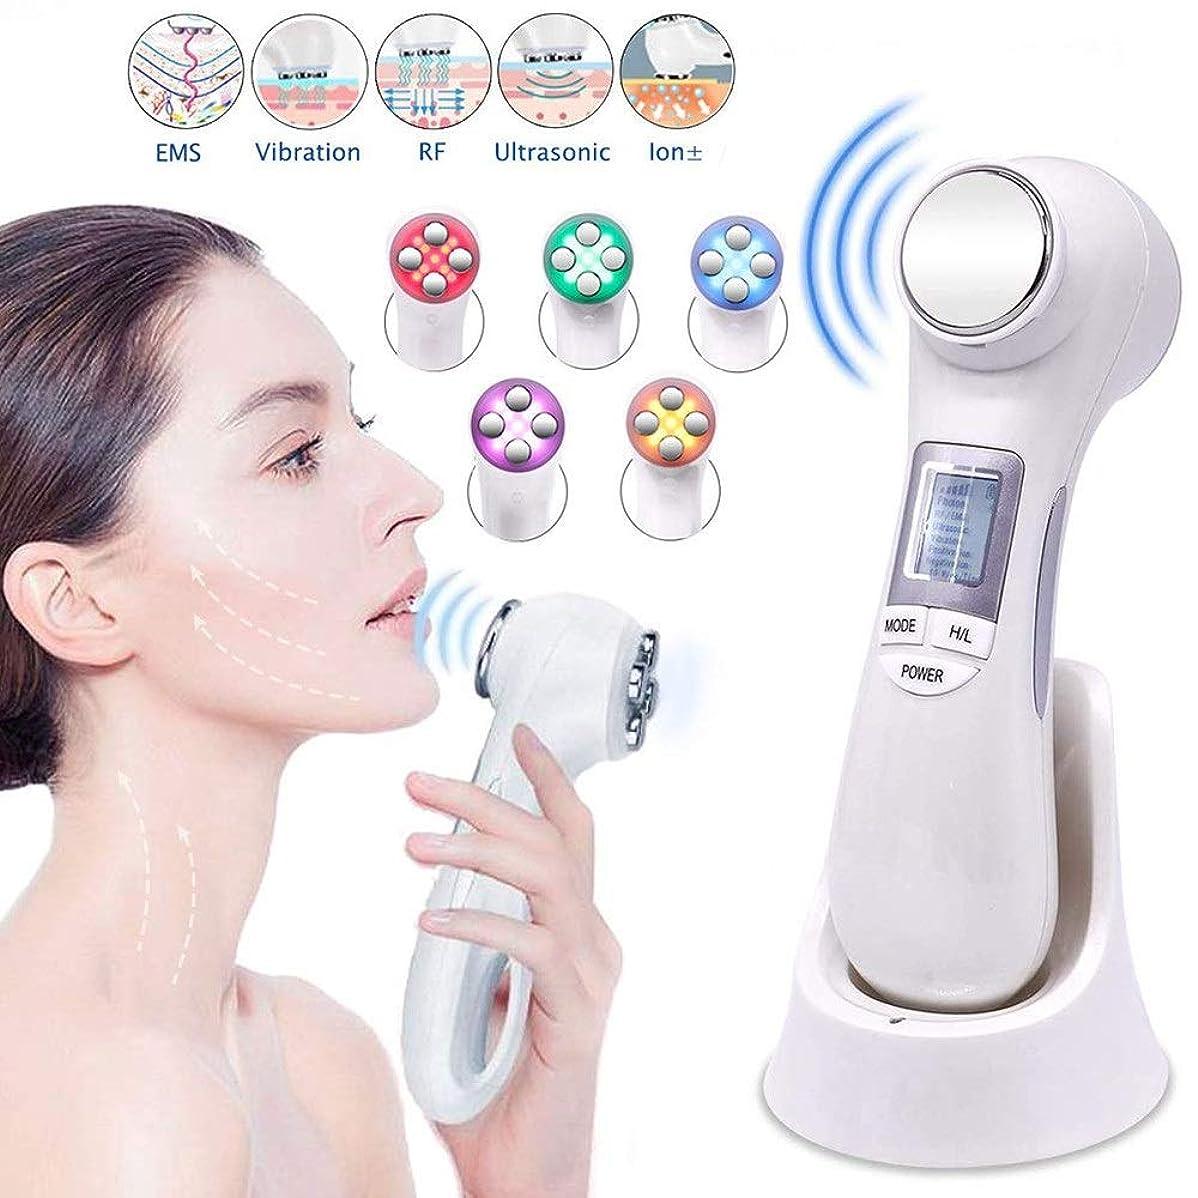 余韻投げるコストスキンケアのための5つの色LEDライト療法が付いている1つの高い出現の顔の持ち上がる機械EMS RFメッセージに付き機械6つをきつく締めること